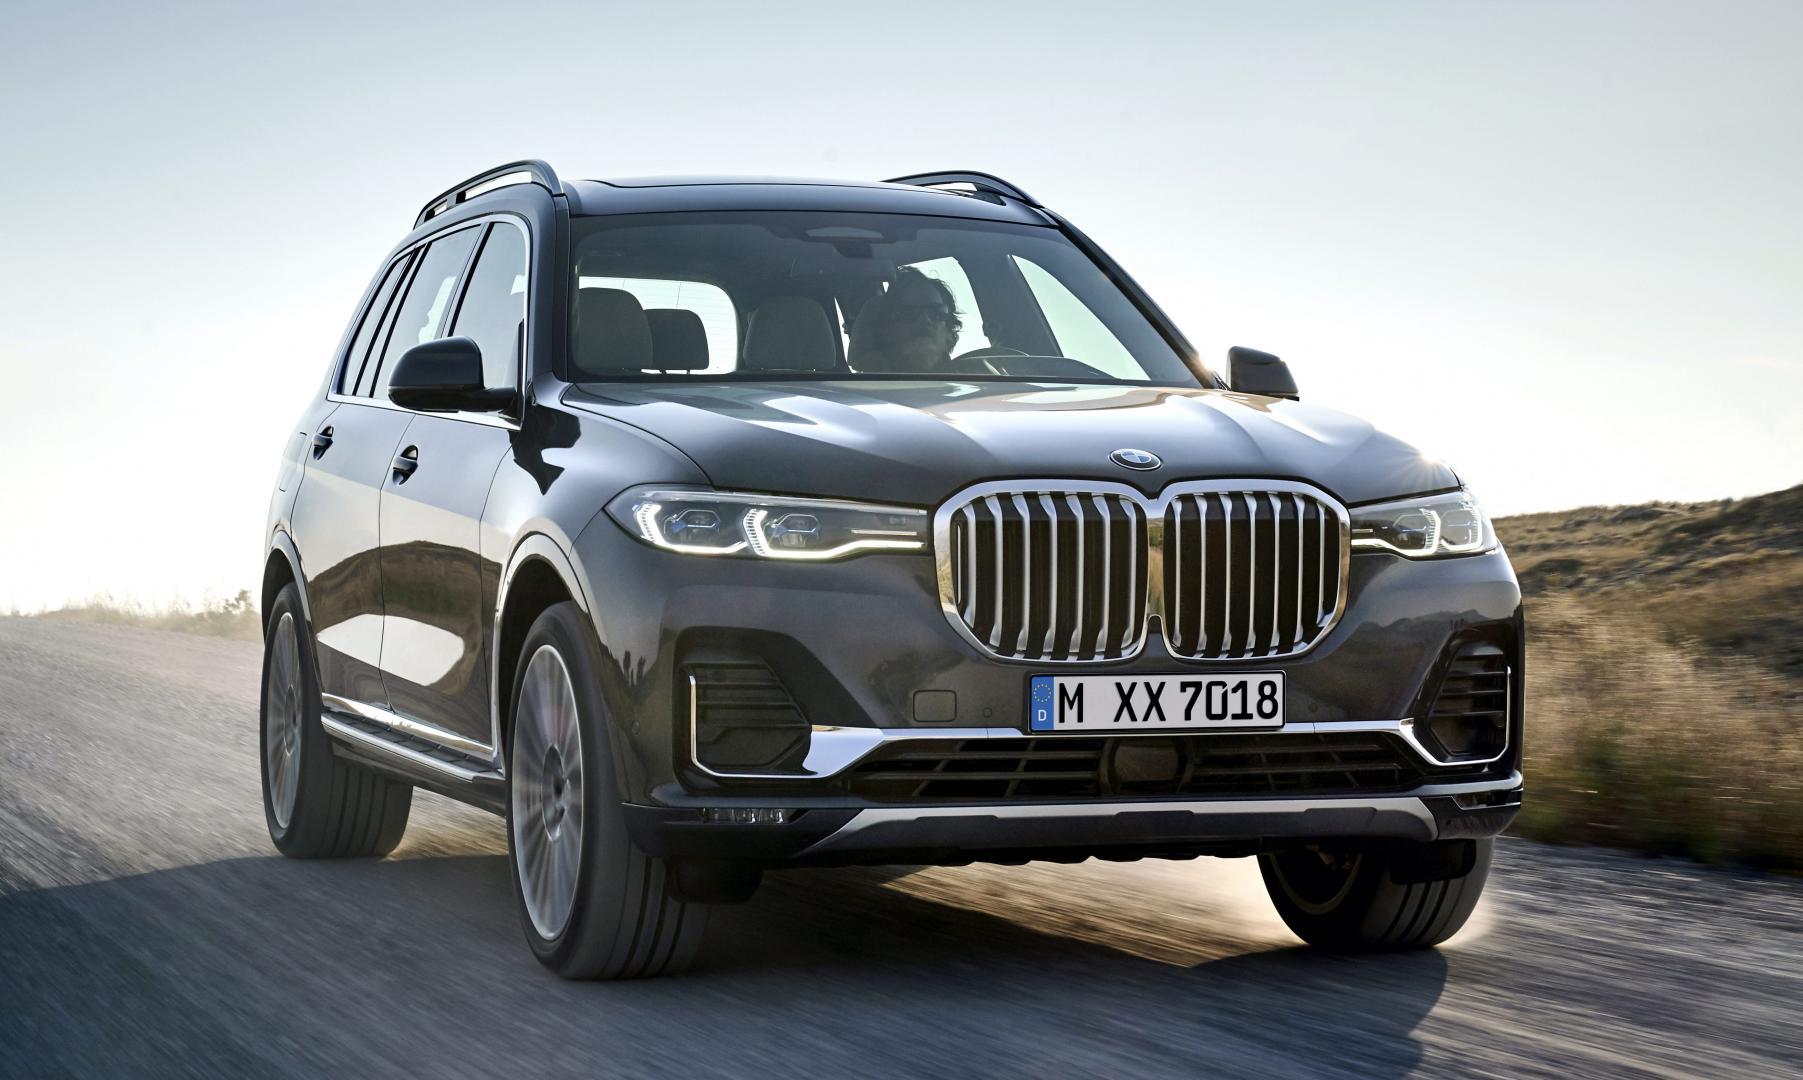 BMW X7 nieren grille